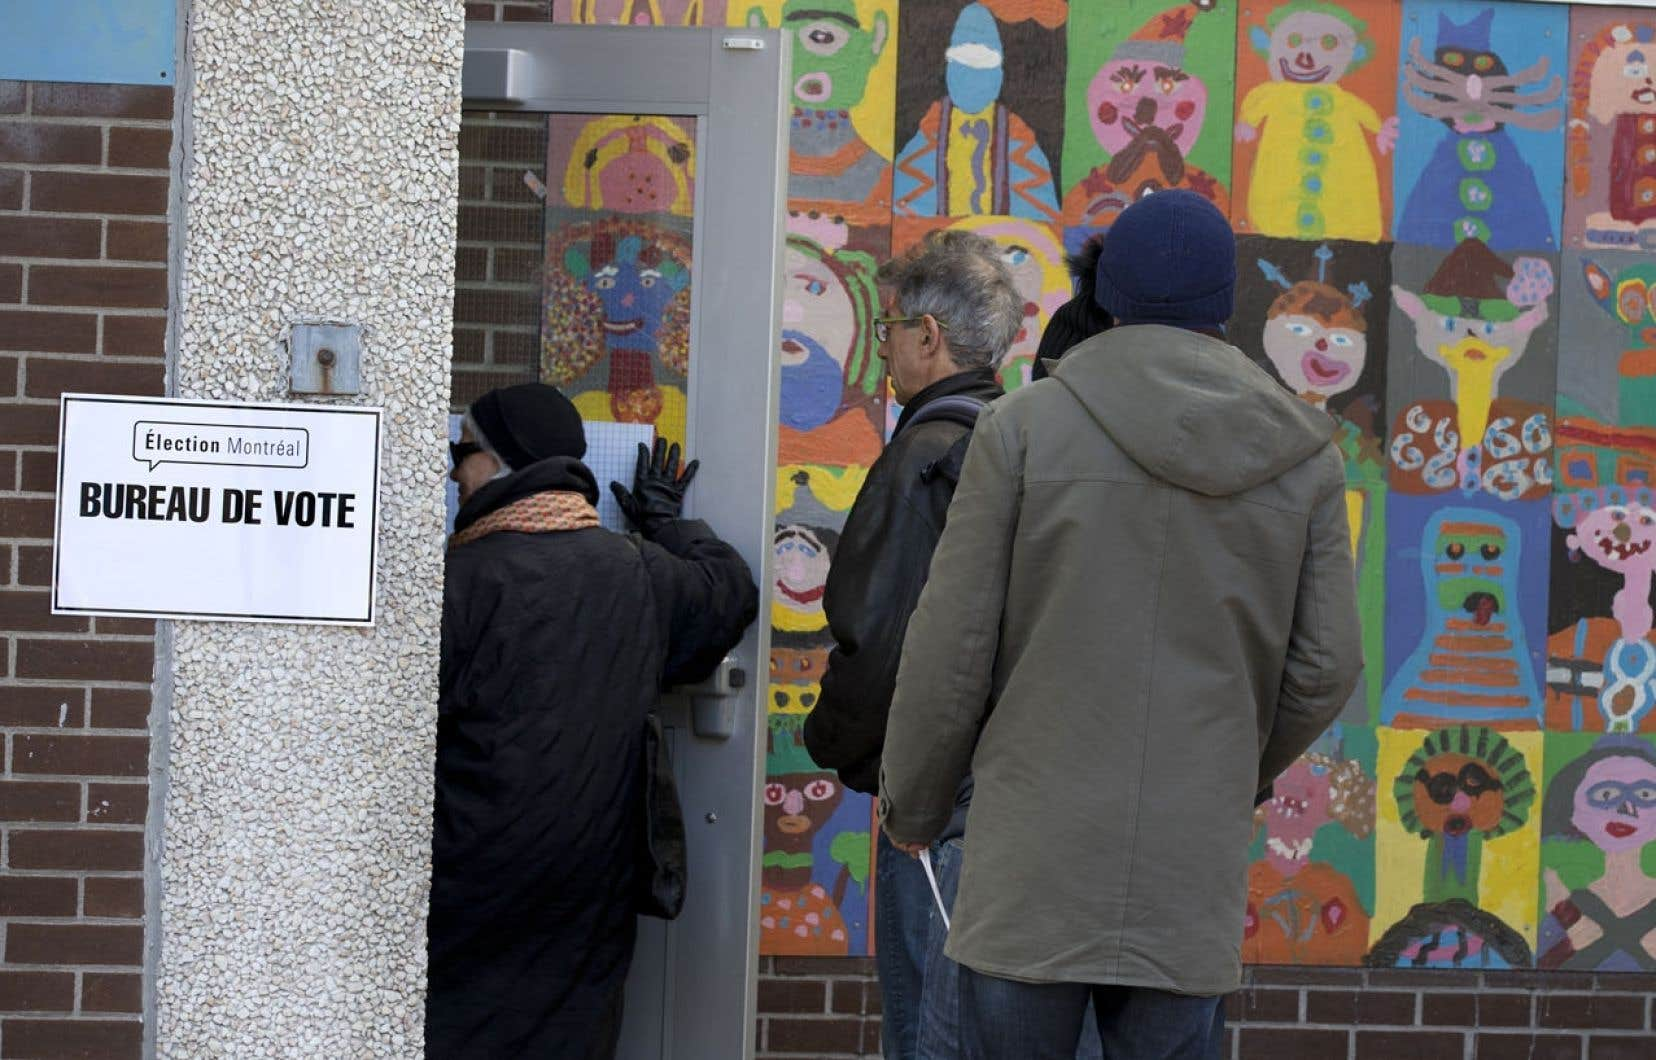 Élargir le vote postal aux 70ans et plus pourrait retarder le décompte, plaide le président d'élections greffier de la Ville de Montréal, Me Yves Saindon.